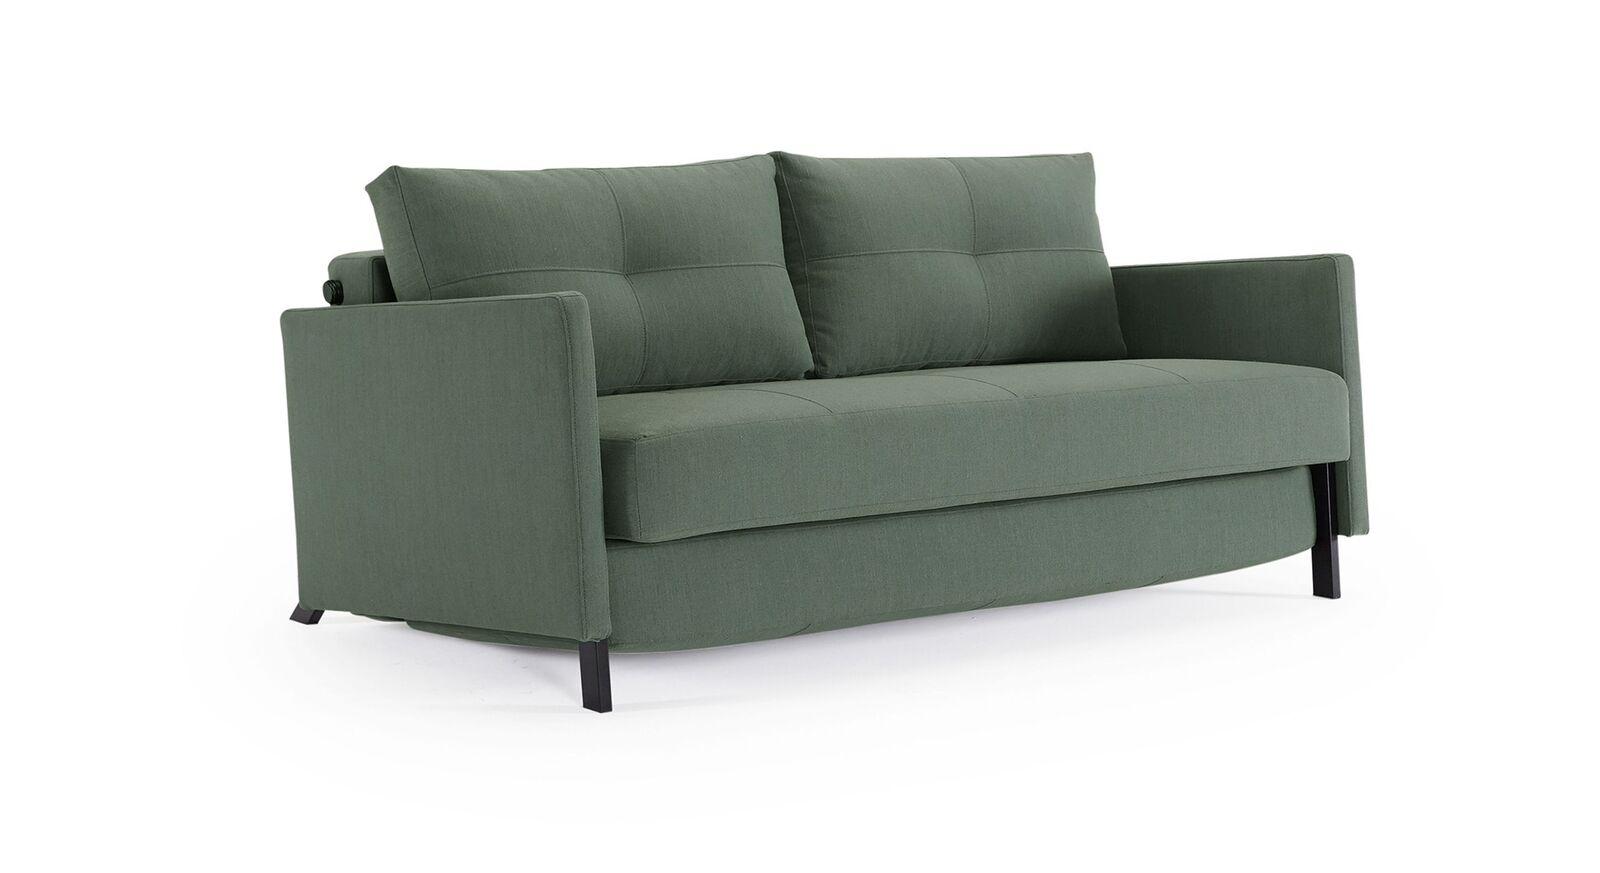 Grünes Schlafsofa Kuda in der Stoffart Elegance